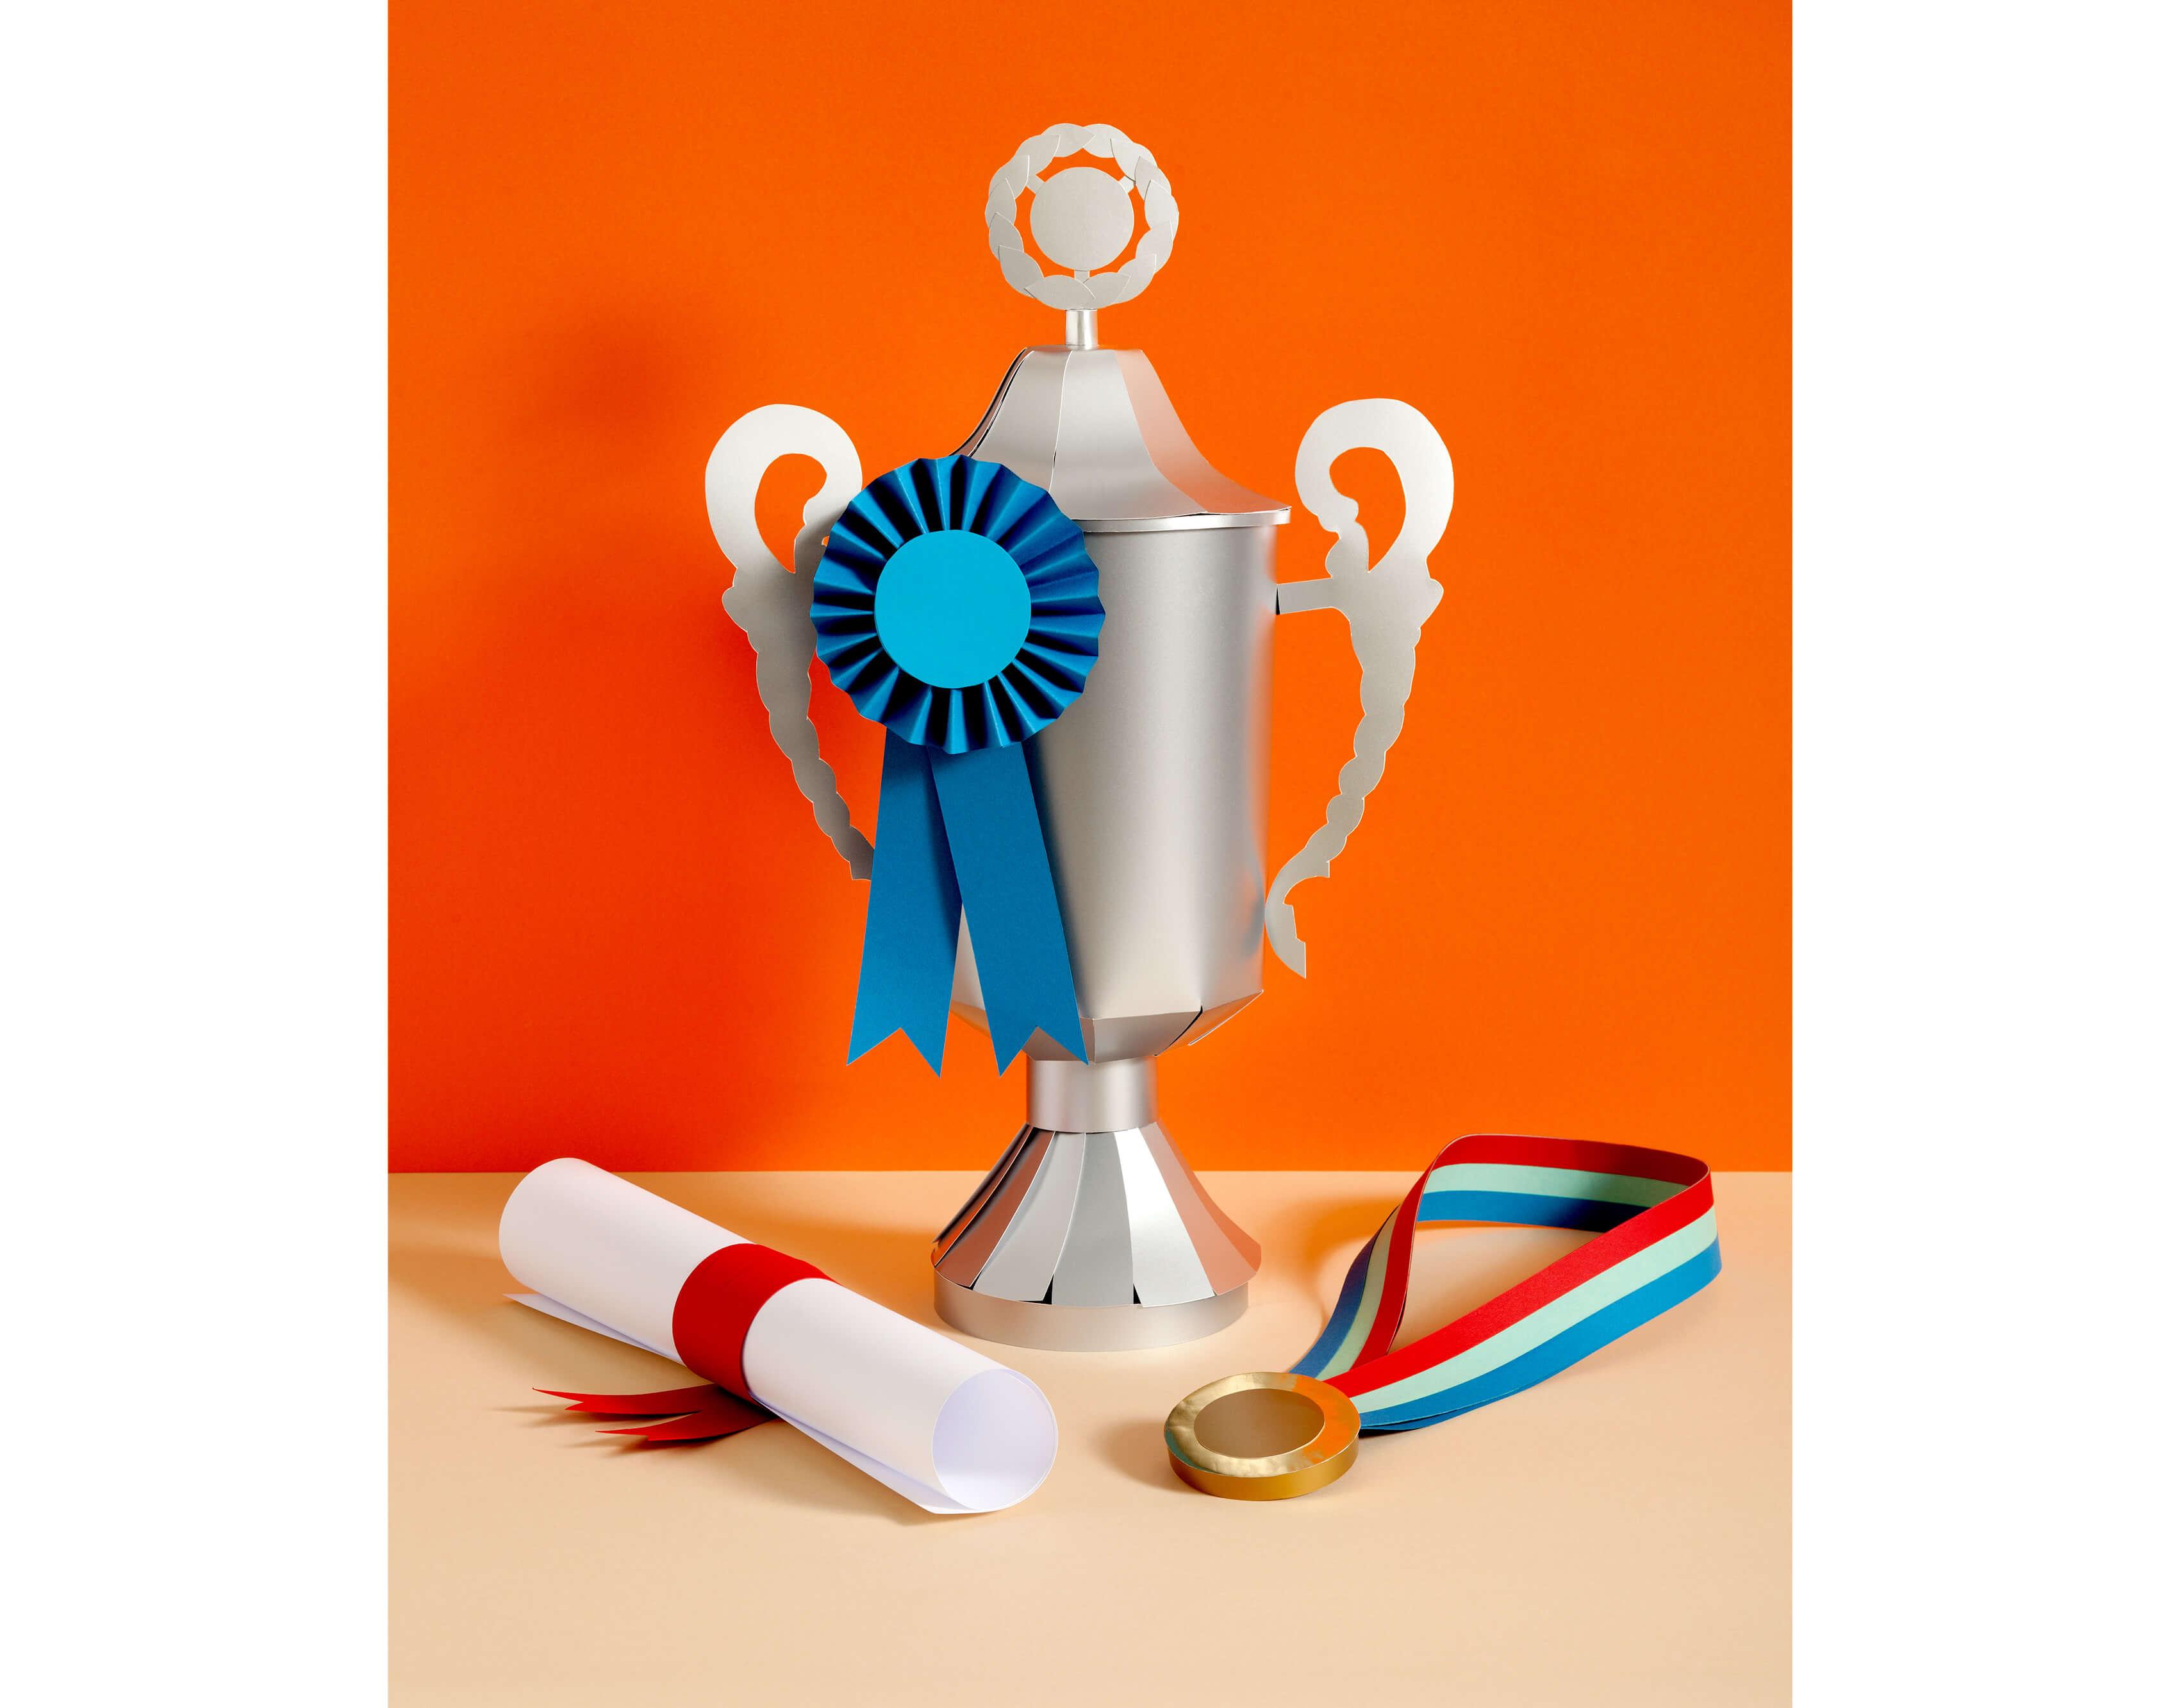 JI_awards_paperart_katrinrodegast_web